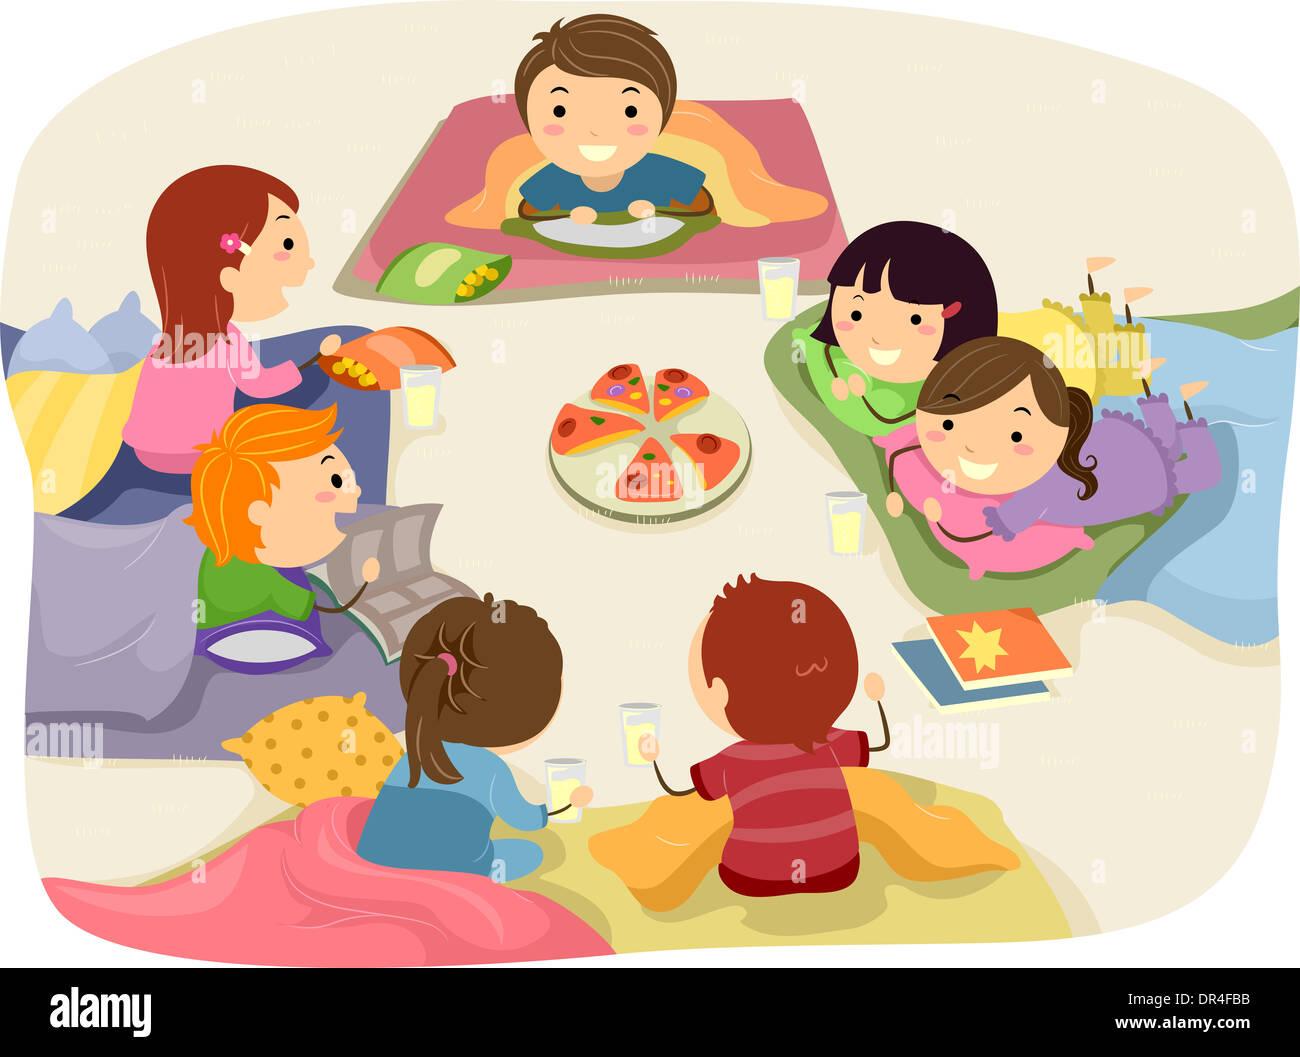 0f9196043 Stickman ilustración con niños conversando mientras estaba comiendo en un  sleepover